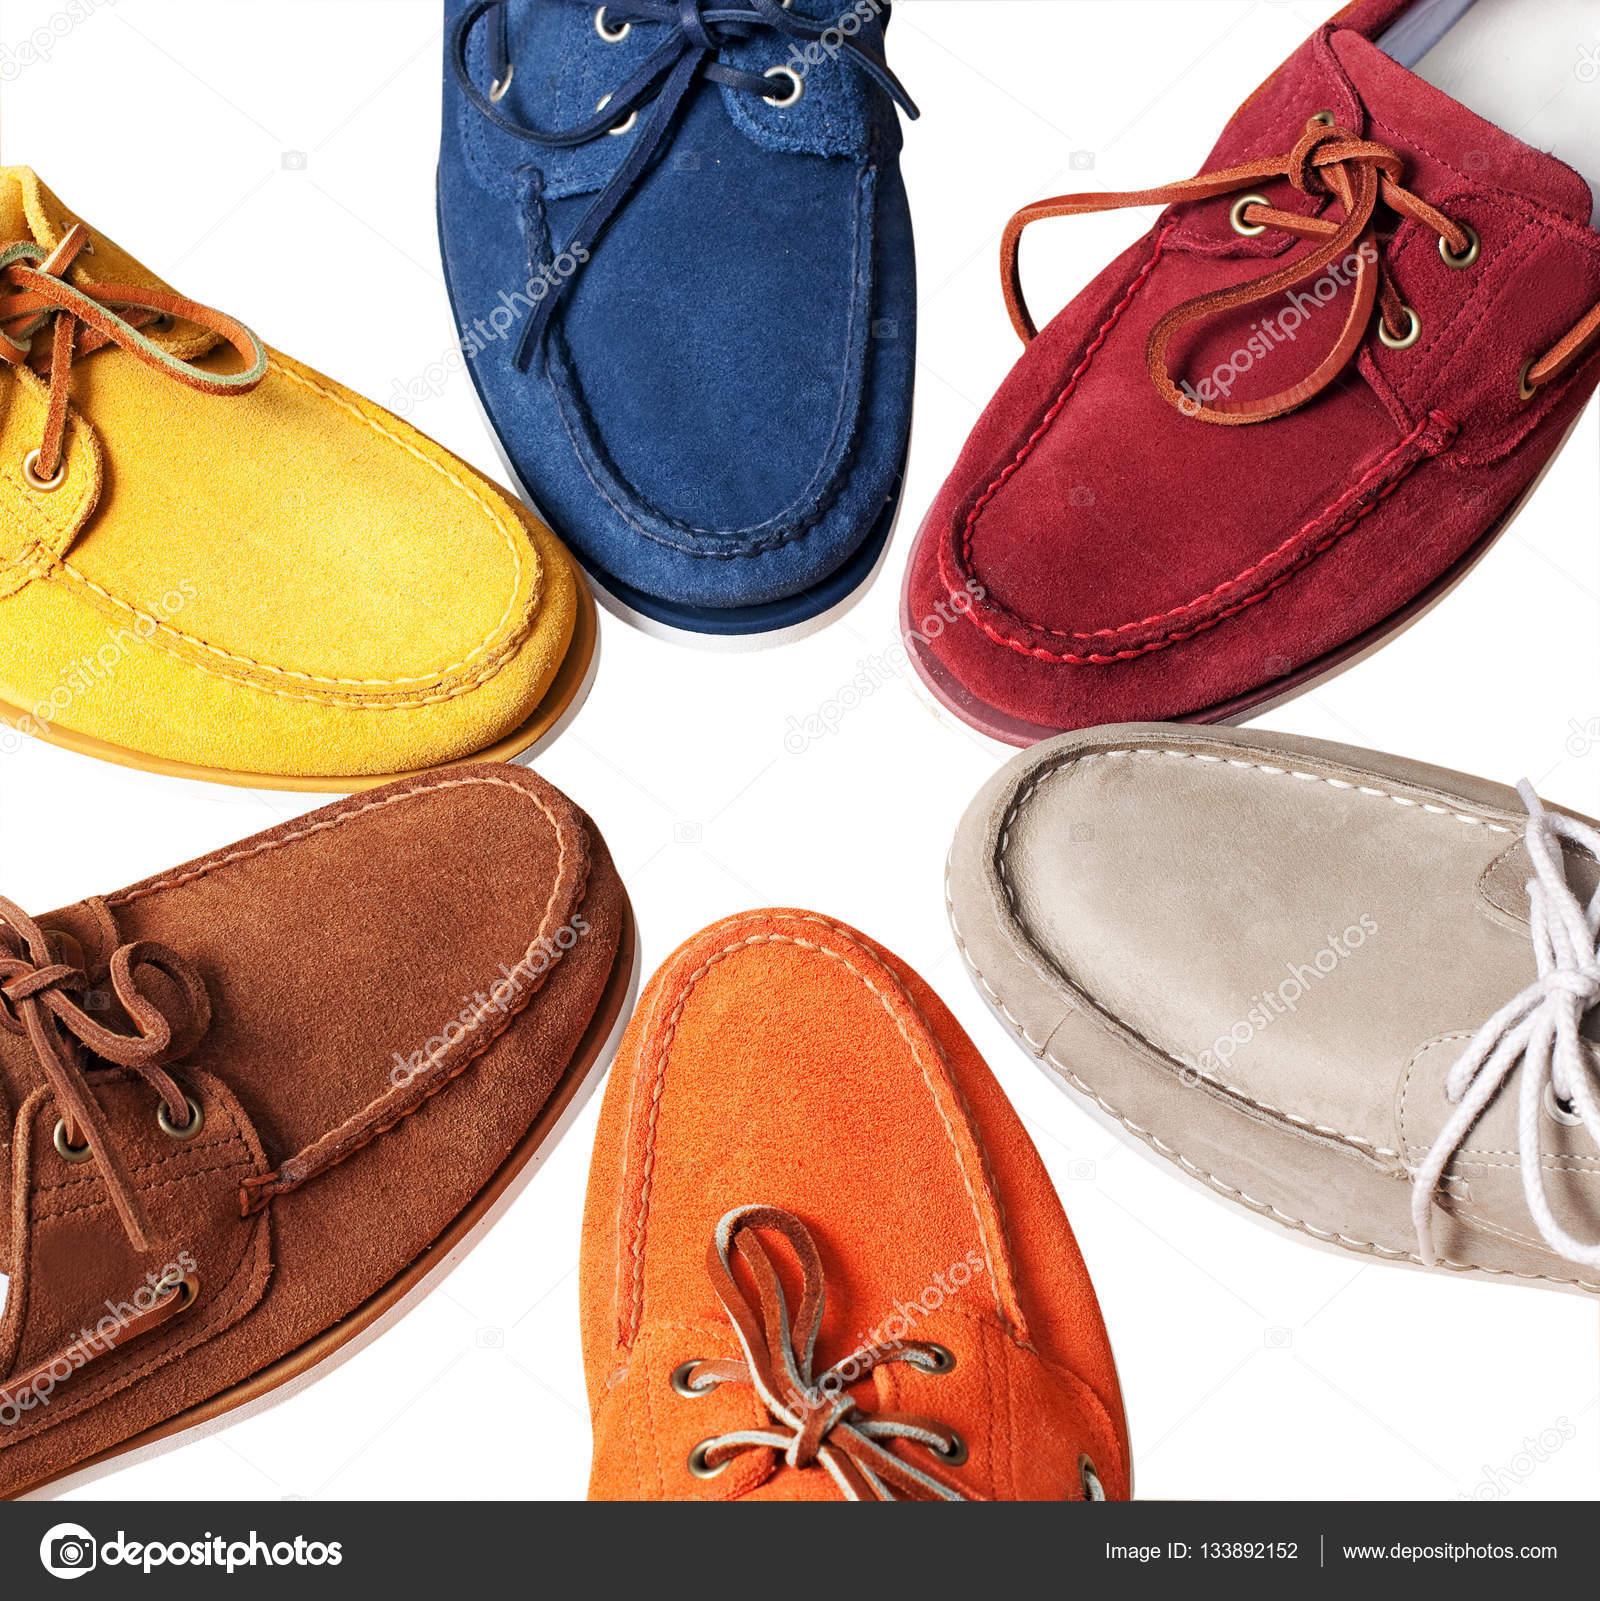 Чоловічі шкіряні нероб. чоловіче взуття - multi кольорові Мокасини —  стокове фото ecffa79cf5fc2